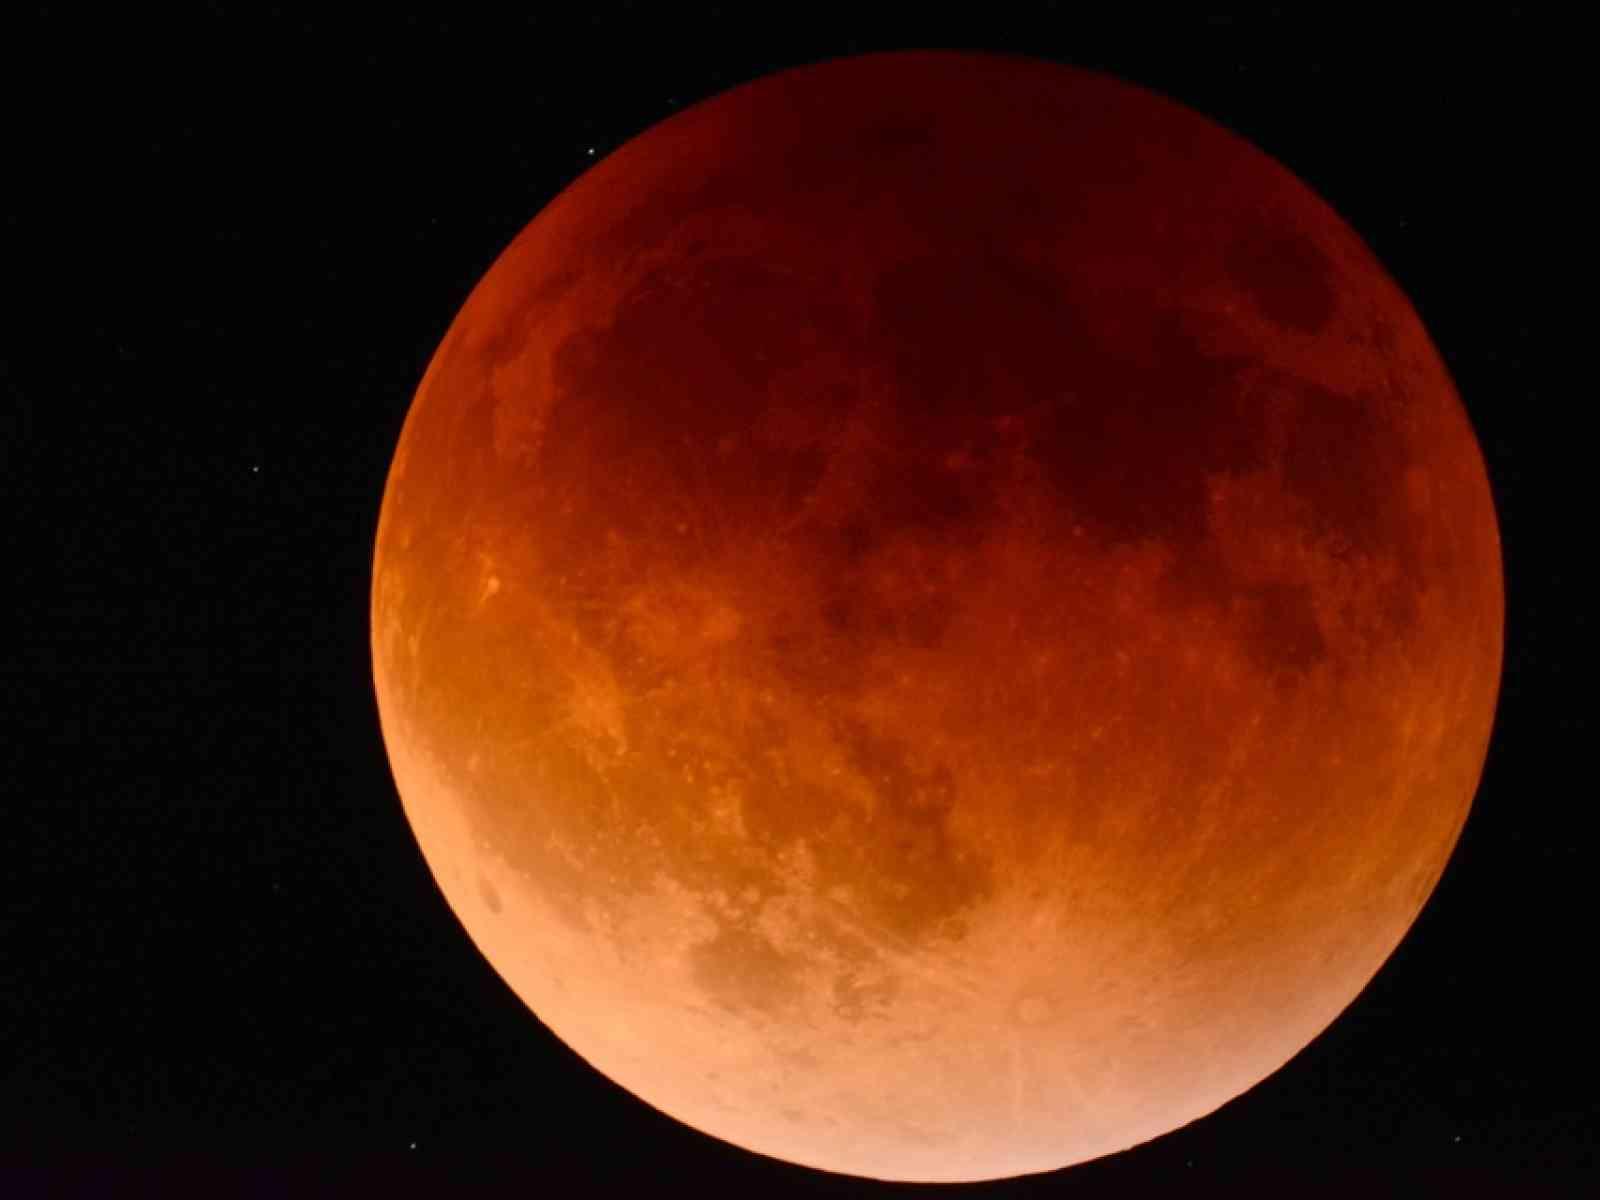 Immagine articolo: Perché la Luna è rossa? Ecco perché